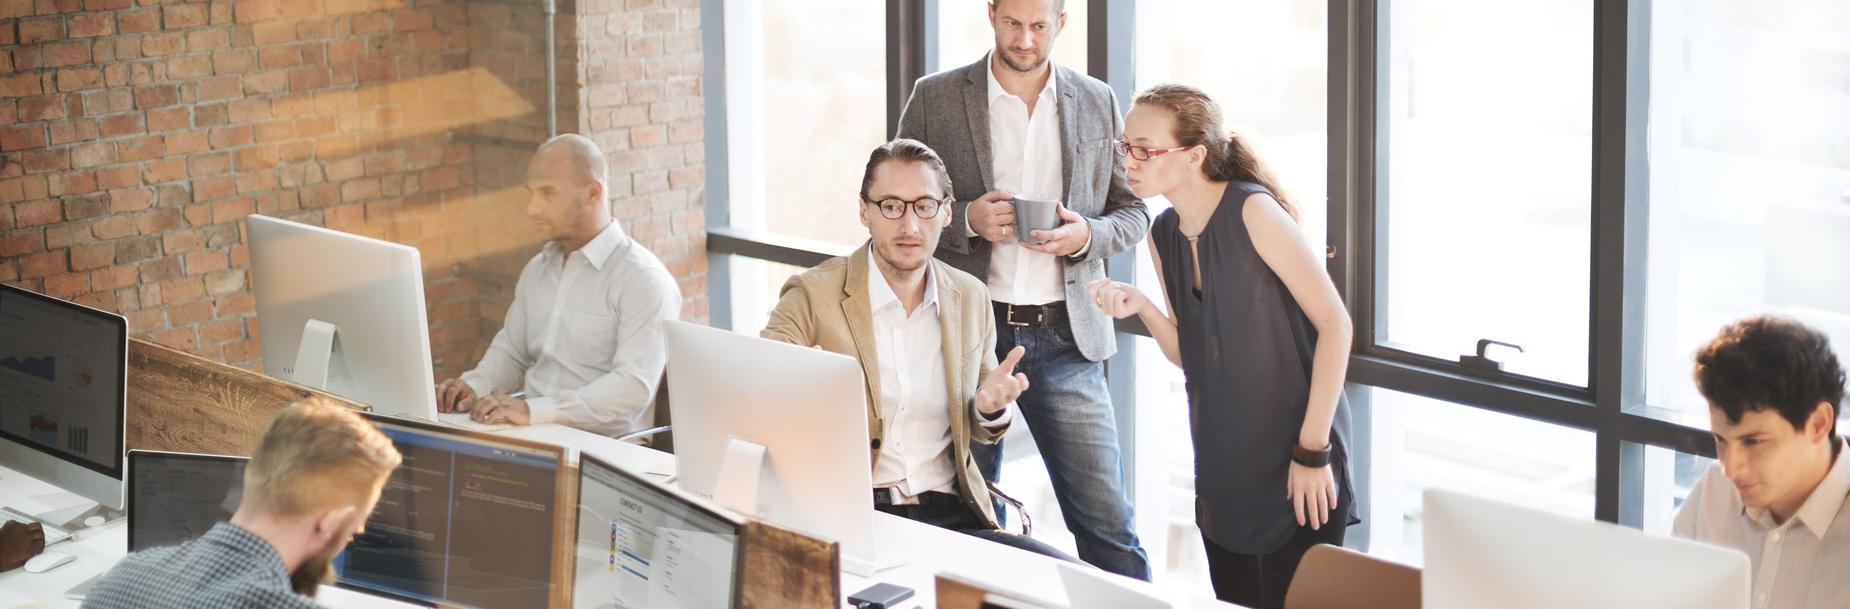 Rumos Serviços prepara empresas para o Regulamento Geral de Proteção de Dados